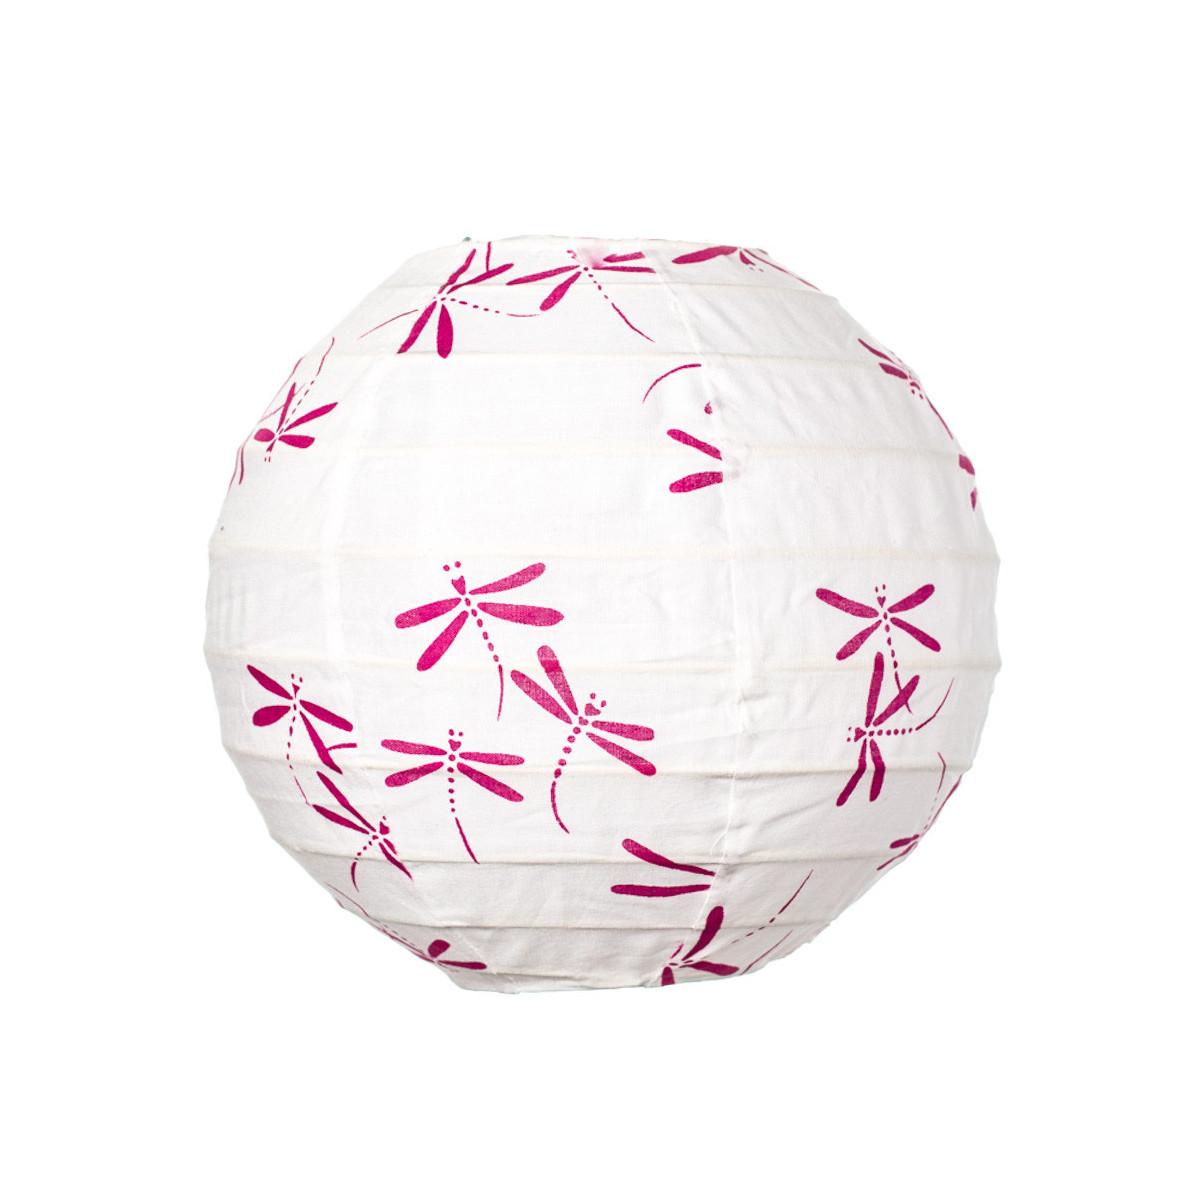 Lampion tissu boule japonaise mini rond blanc avec libellule rose